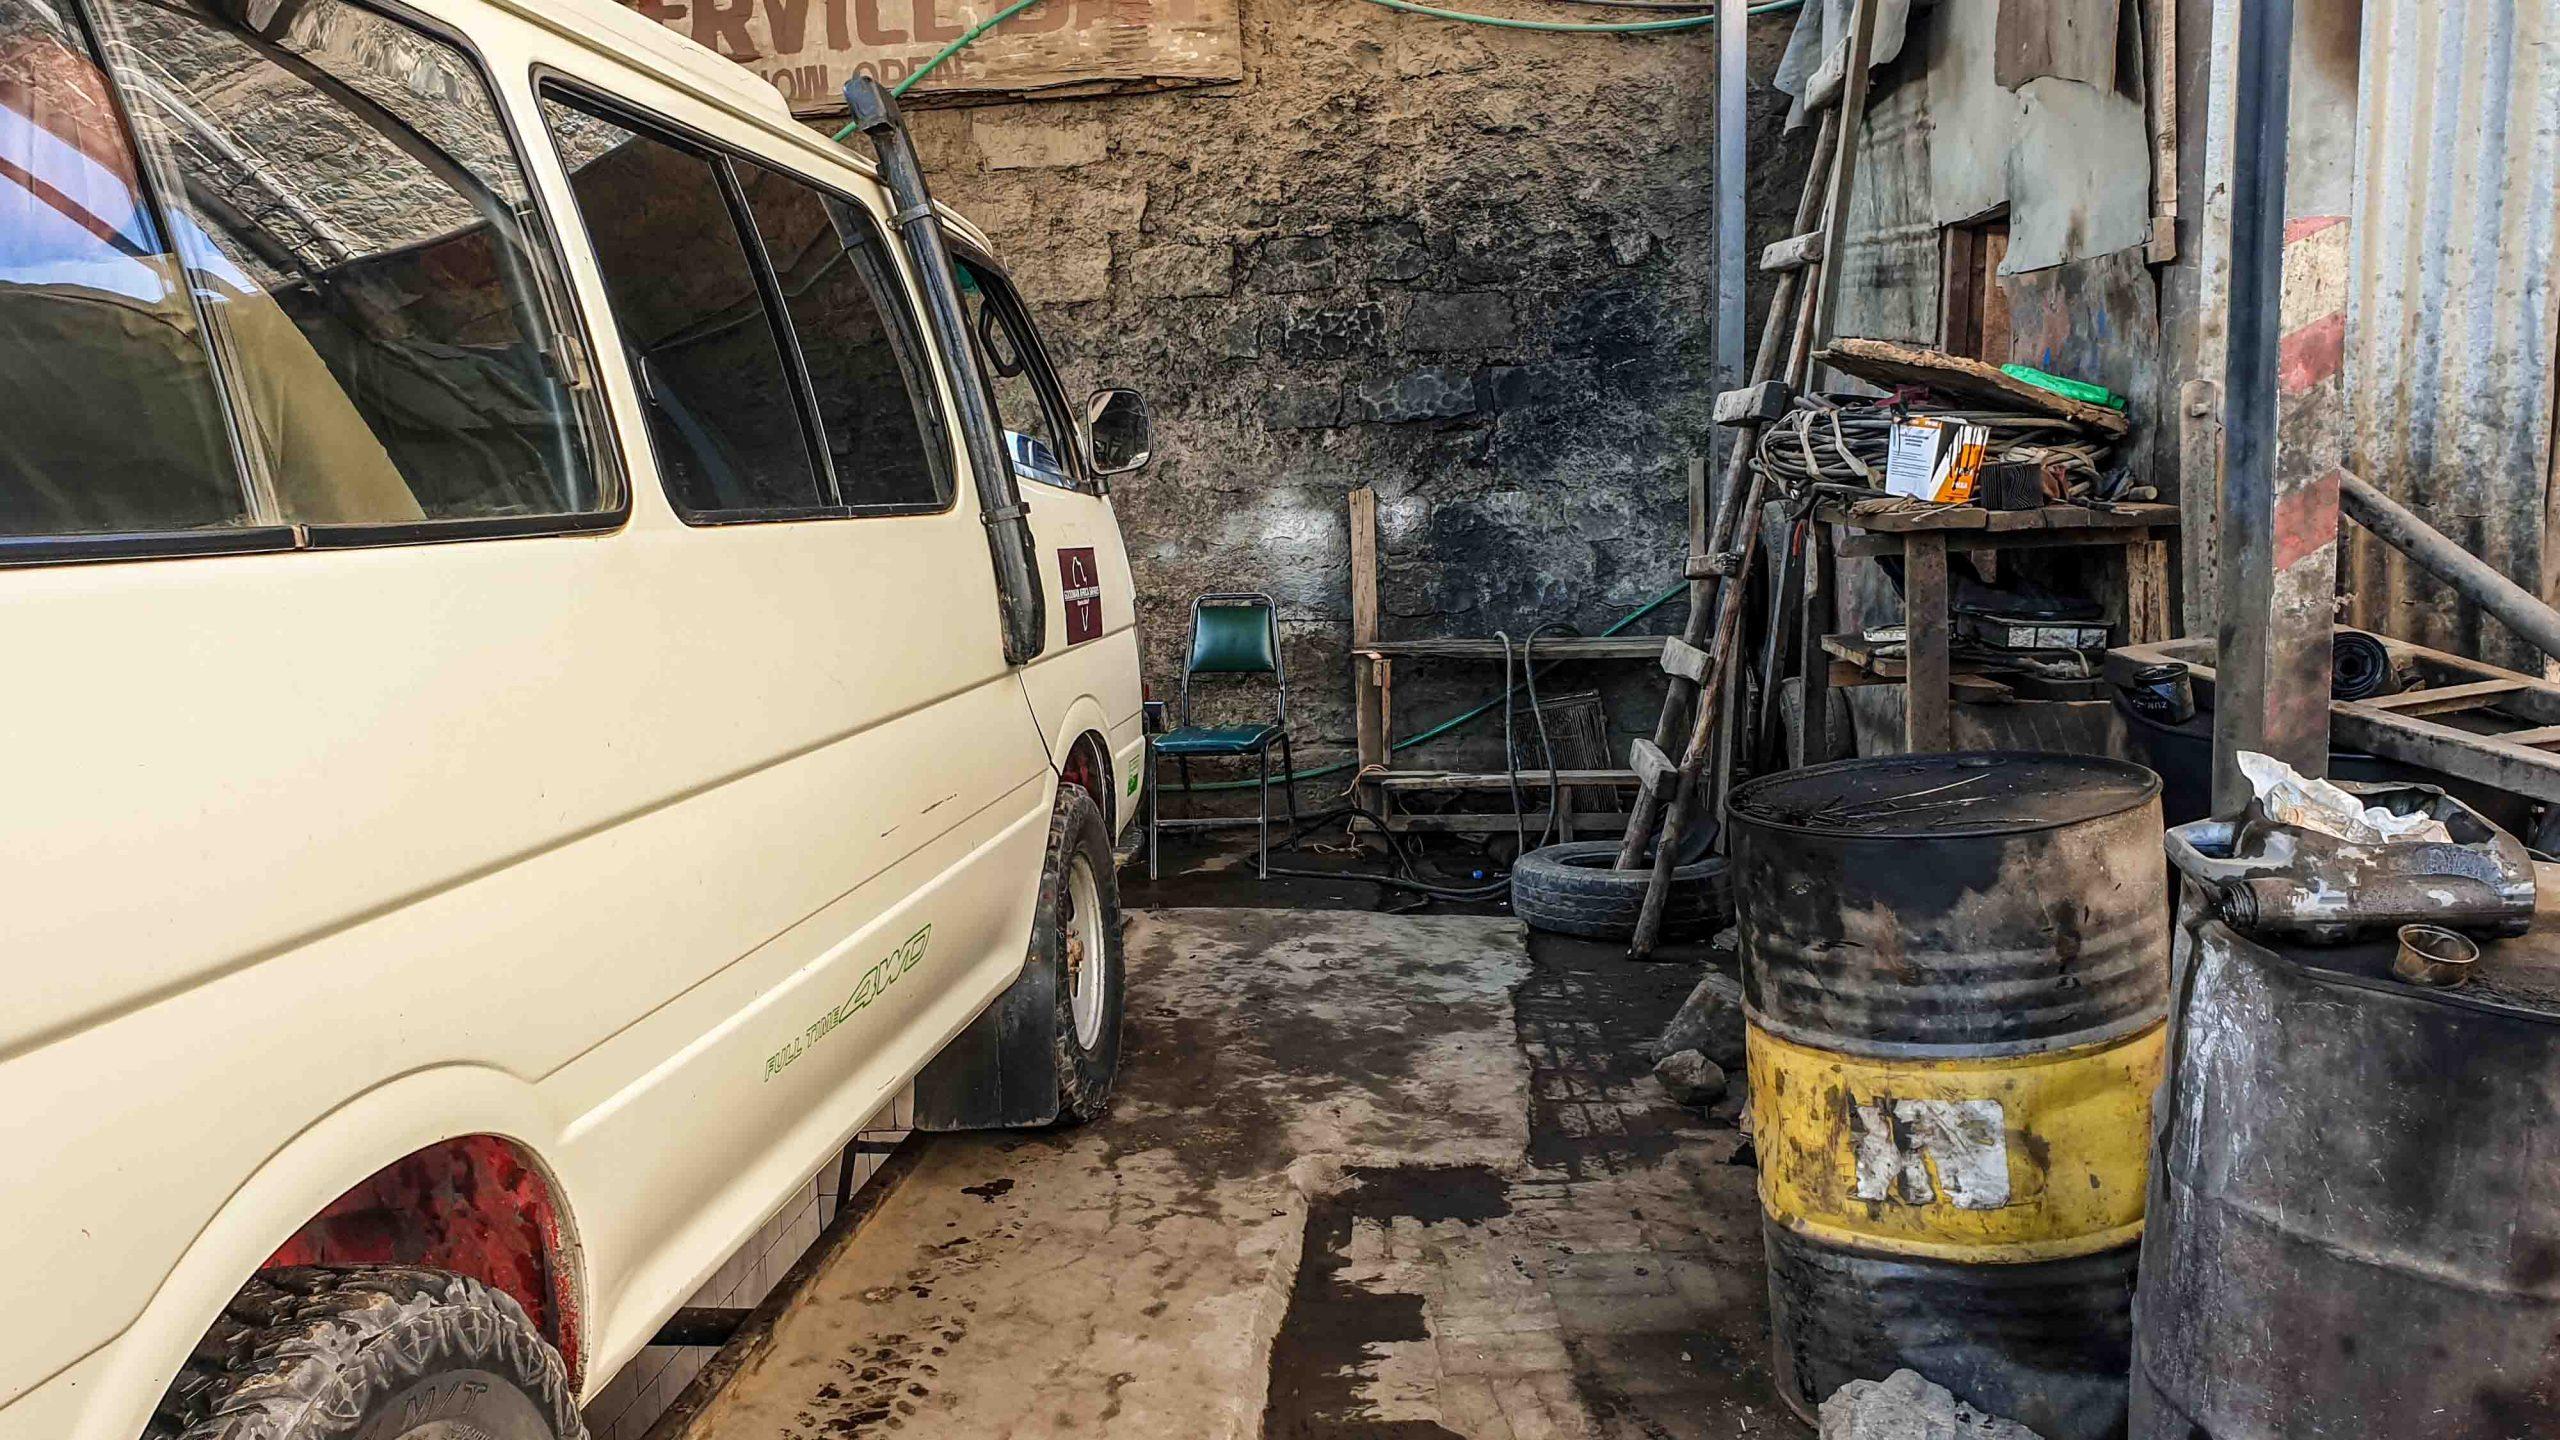 Nuestra minivan un taller en algún pueblo de Kenia